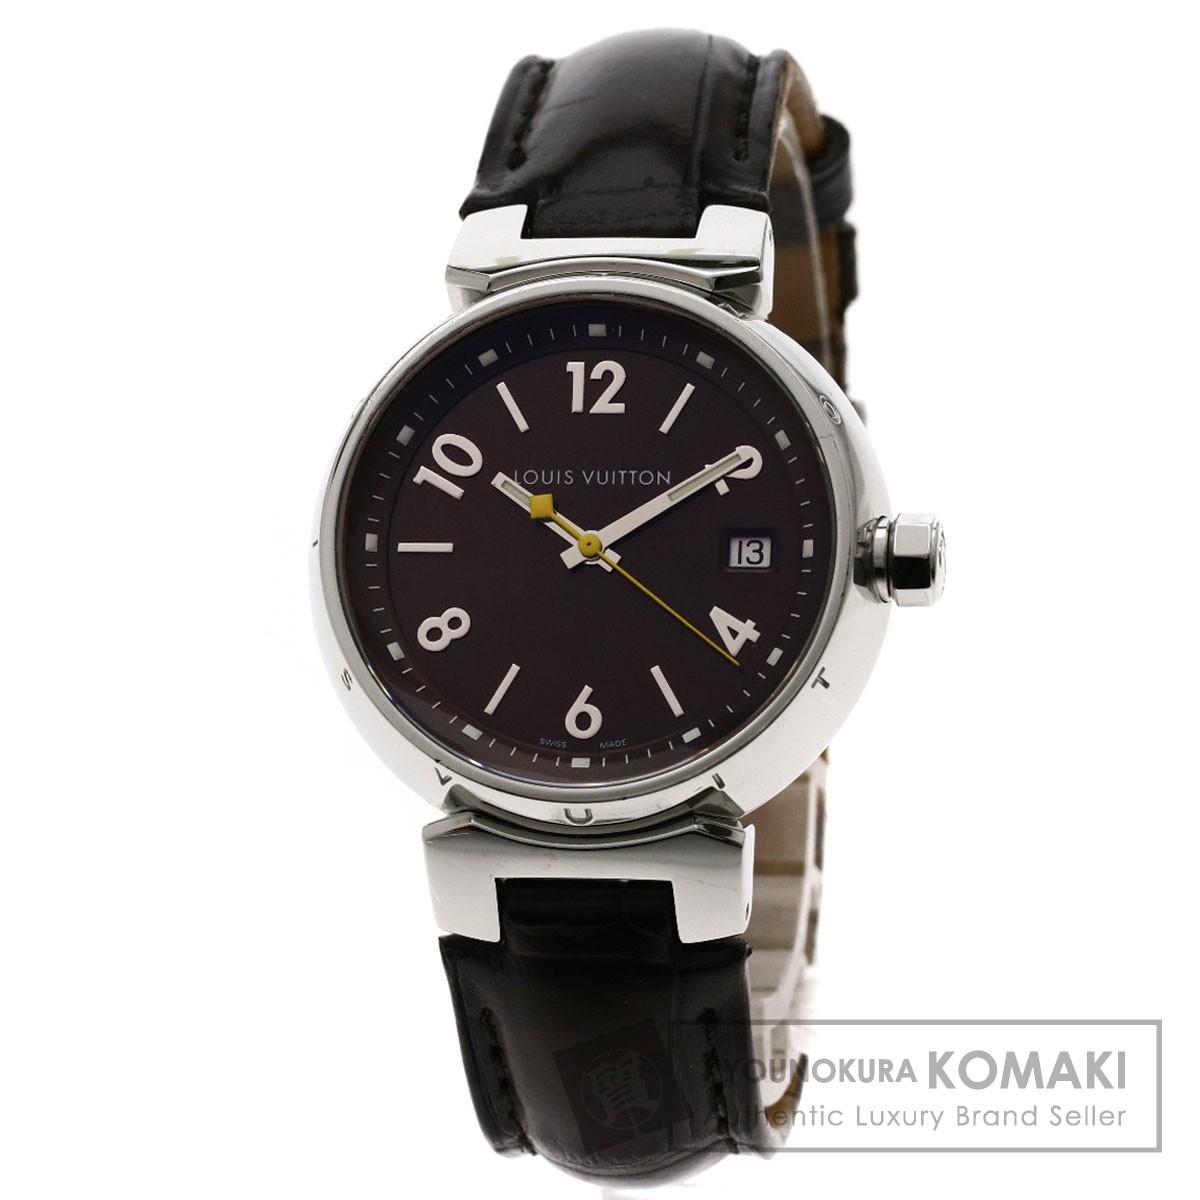 ルイヴィトン Q1311 タンブール 腕時計 ステンレススチール/革 レディース 【中古】【LOUIS VUITTON】